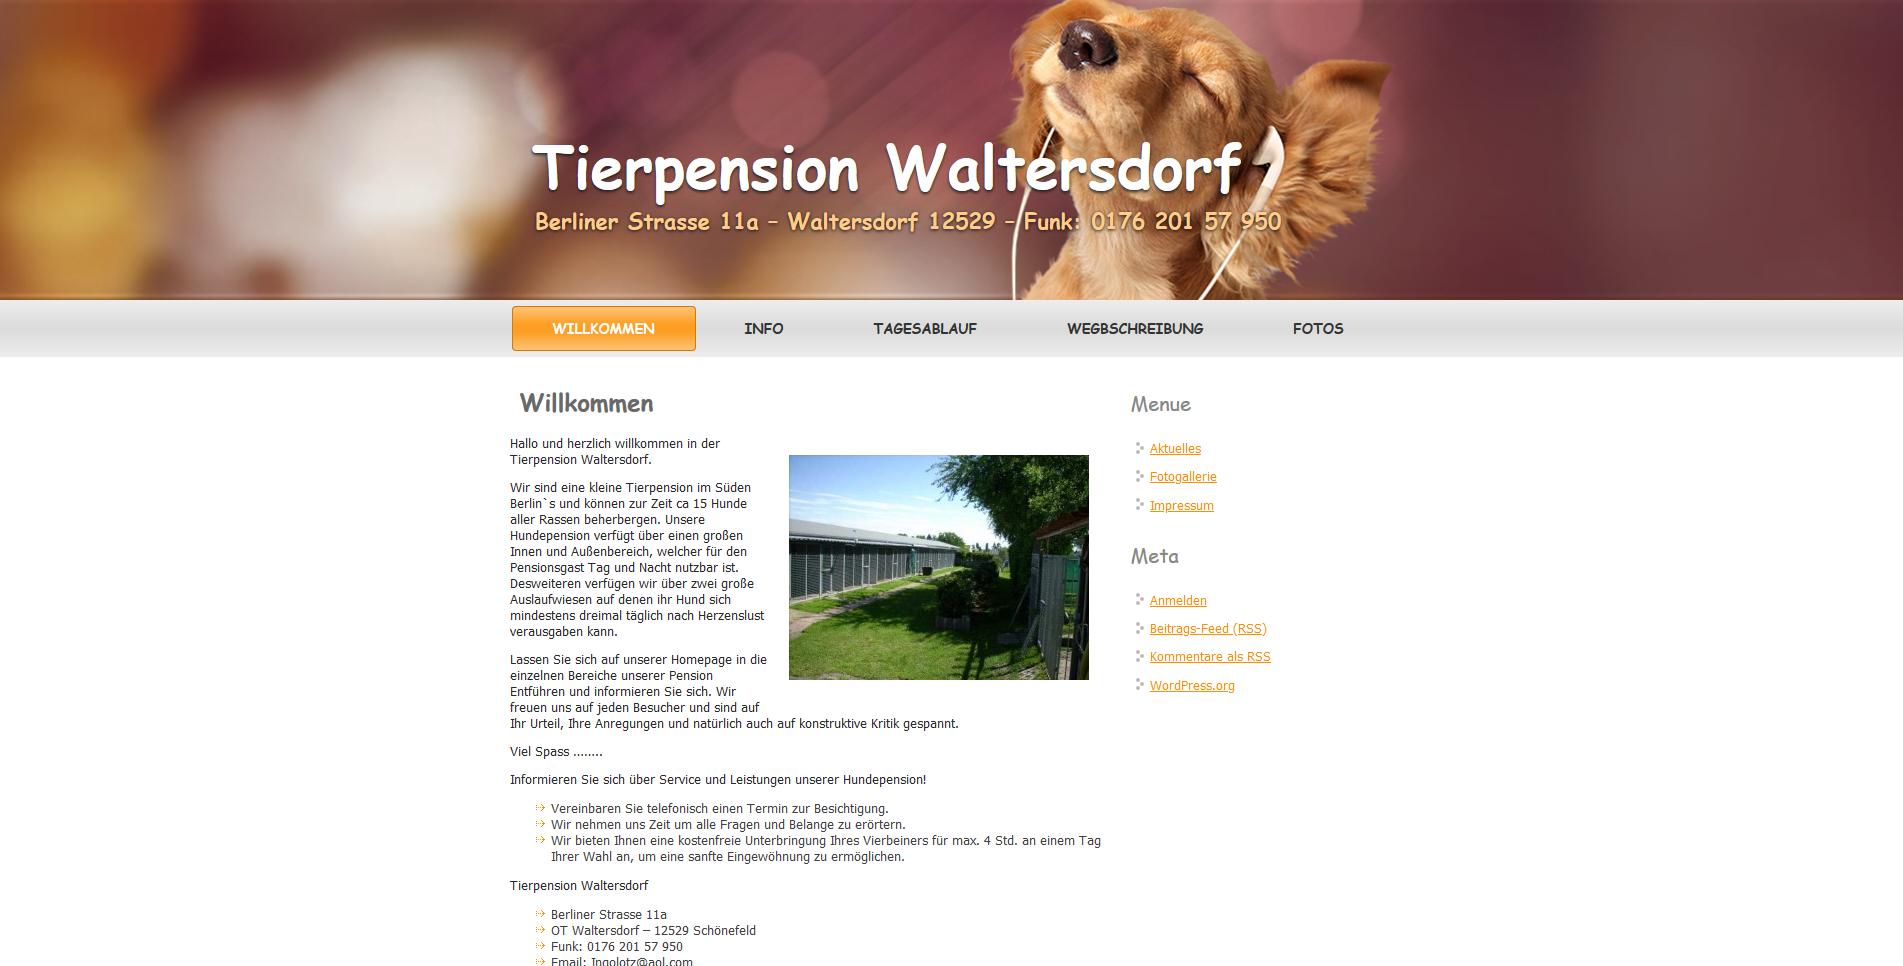 Tierpension Waltersdorf